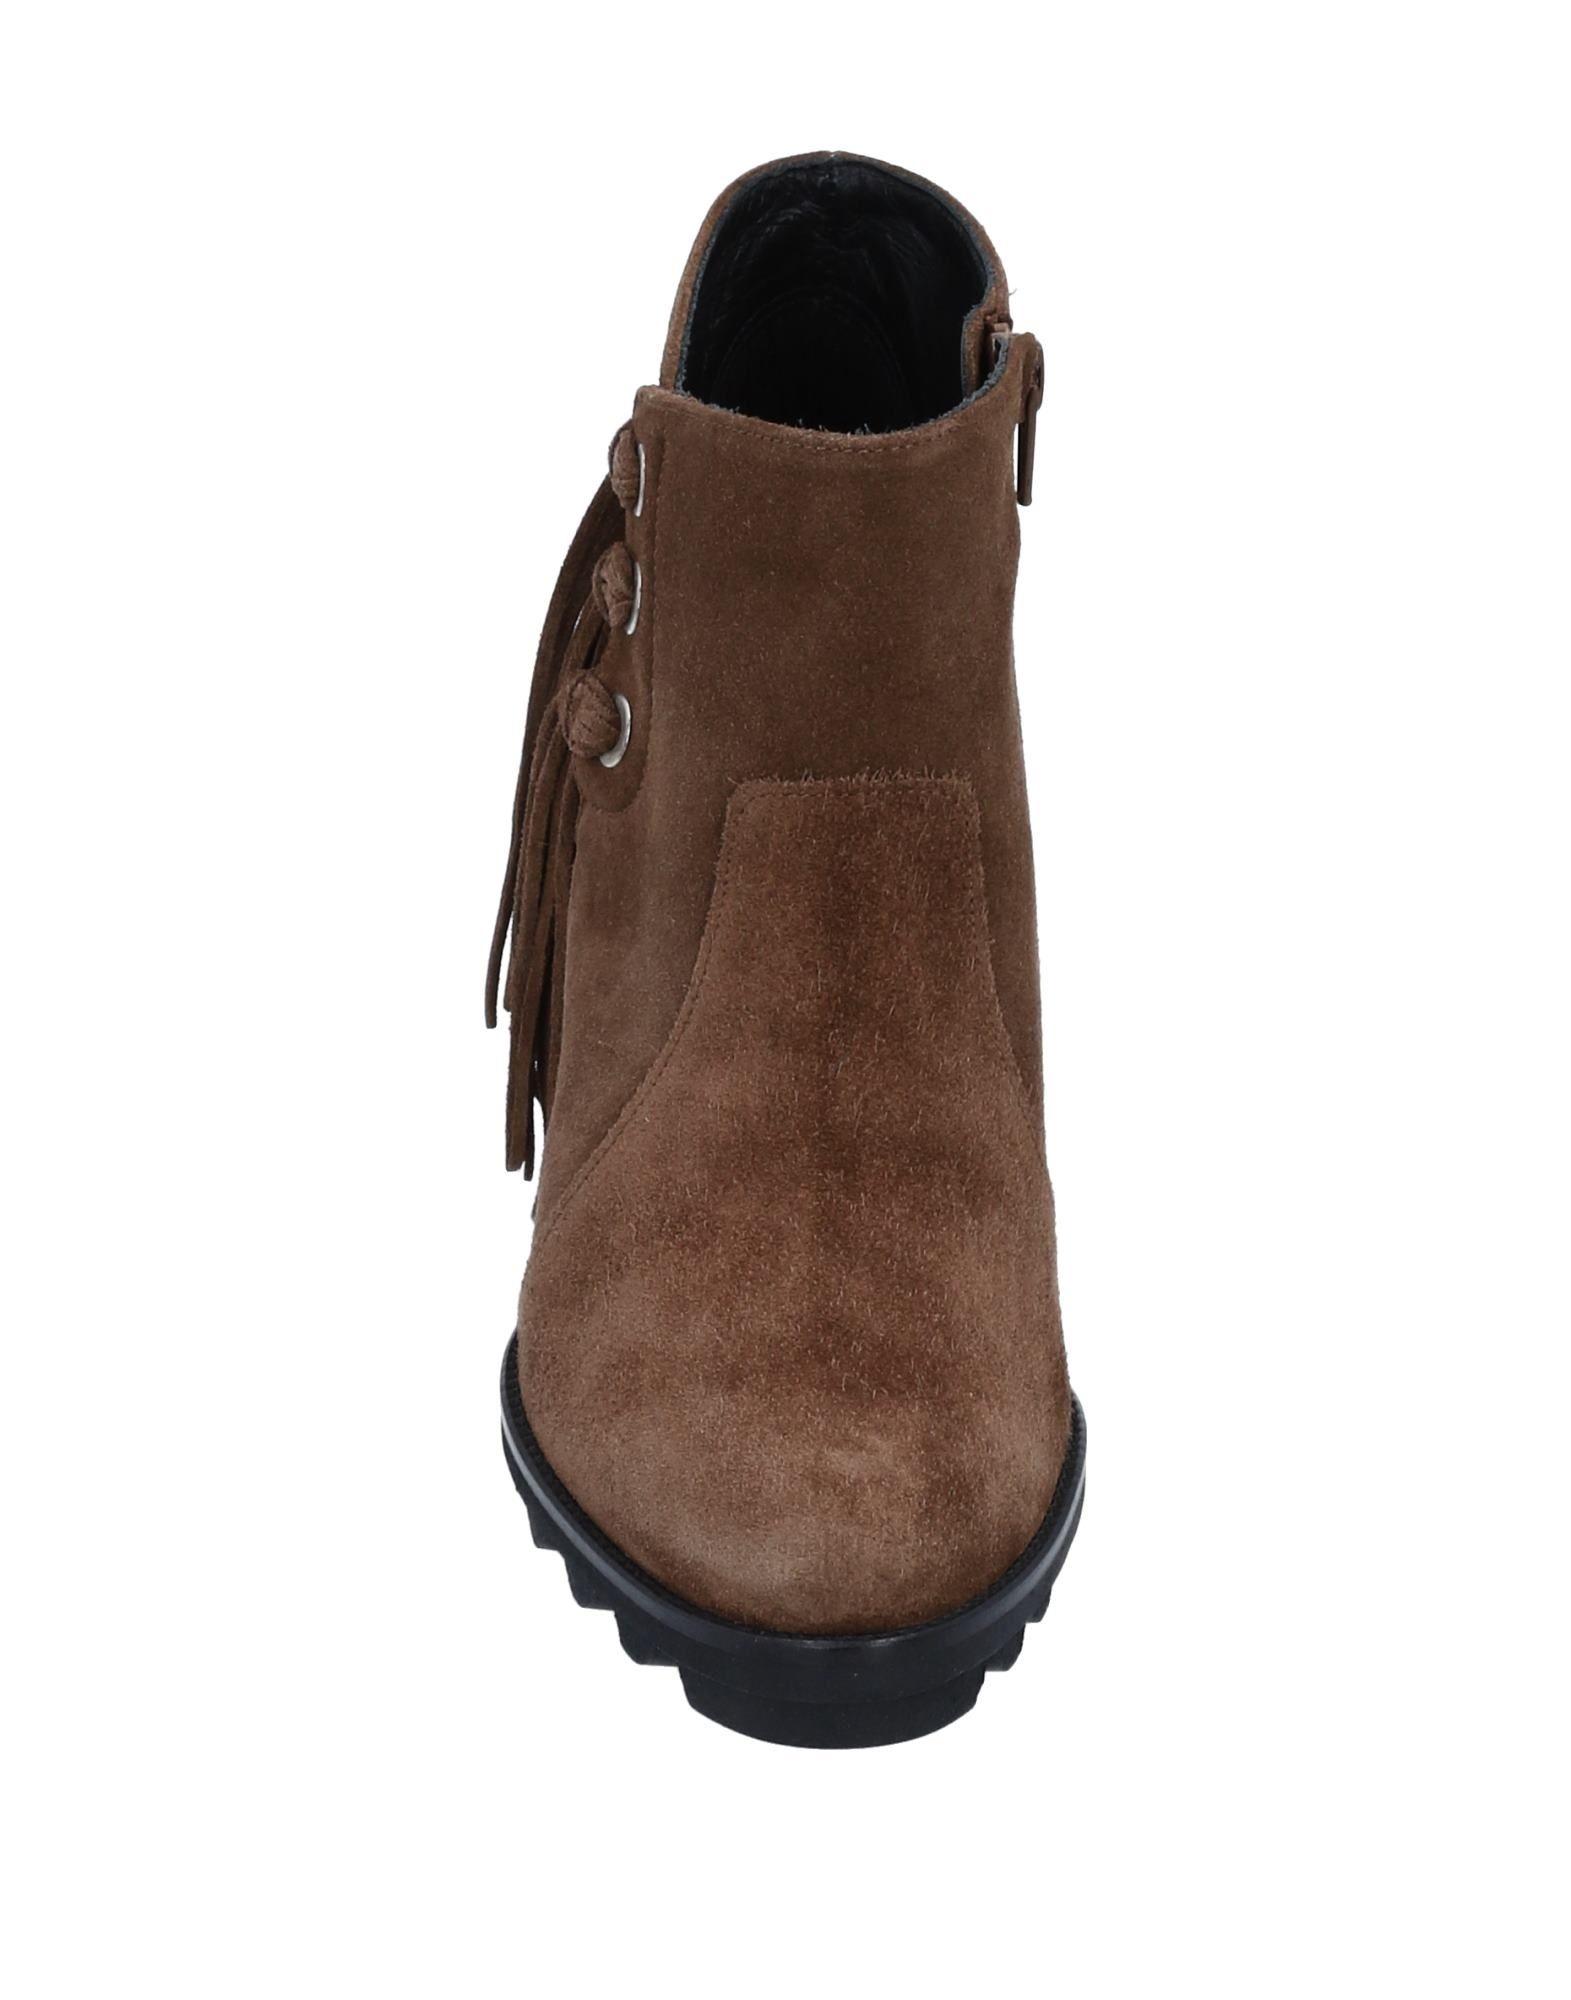 Stilvolle billige Schuhe  Ursula Mascaro' Stiefelette Damen  Schuhe 11513881QS 0bec00